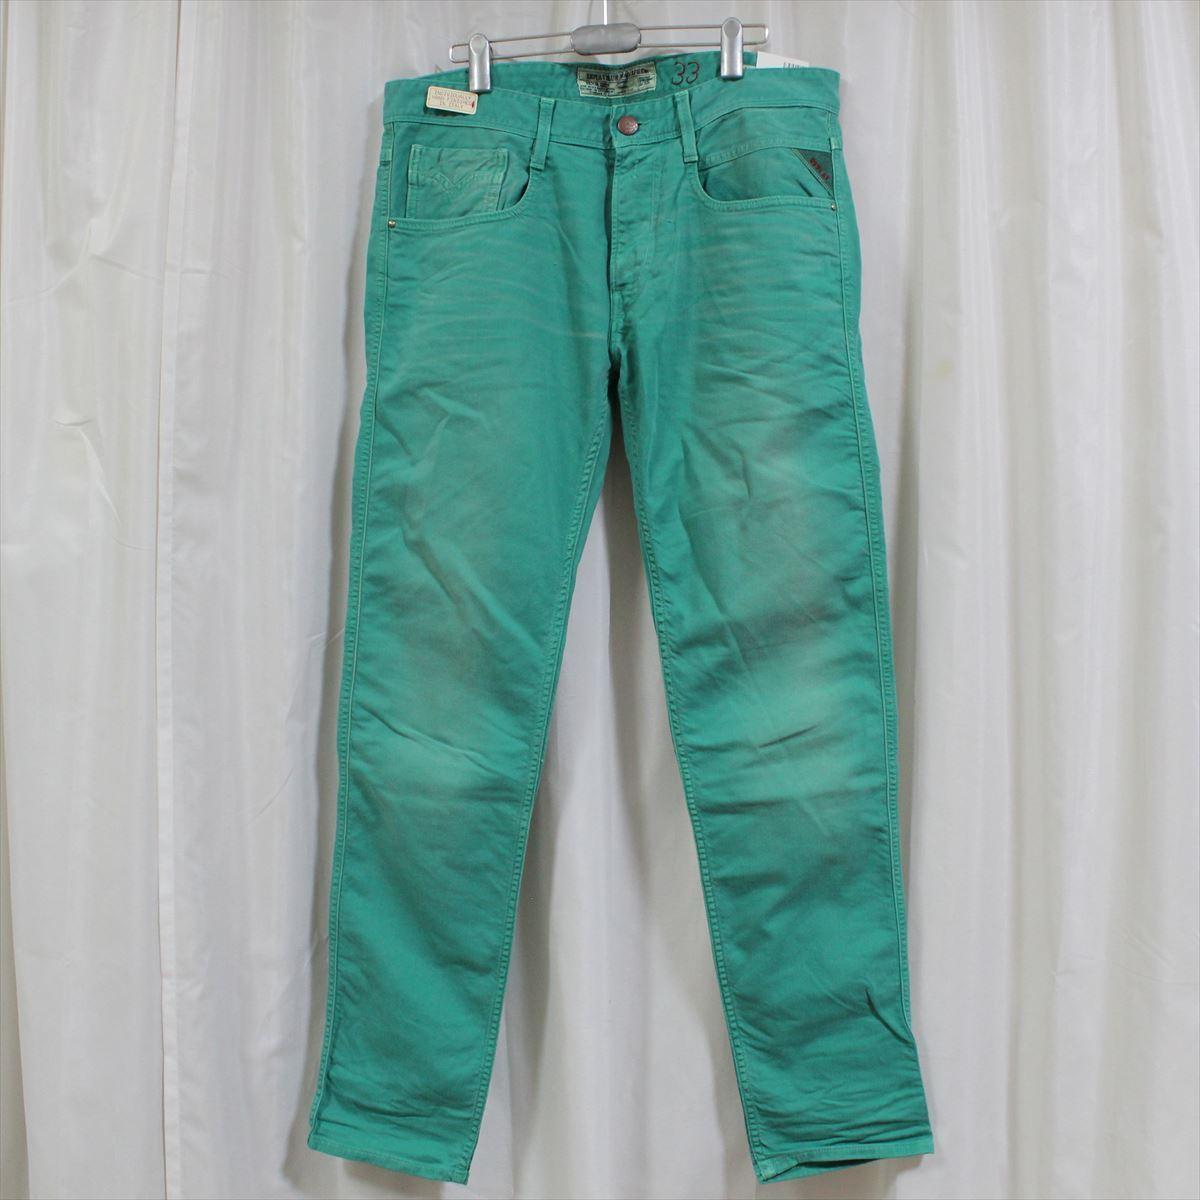 リプレイ REPLAY メンズカラーパンツ ジーンズ デニムパンツ SLIM グリーン 31インチ 新品 REPLAY BLUE JEANS anbass slim jeans_画像1